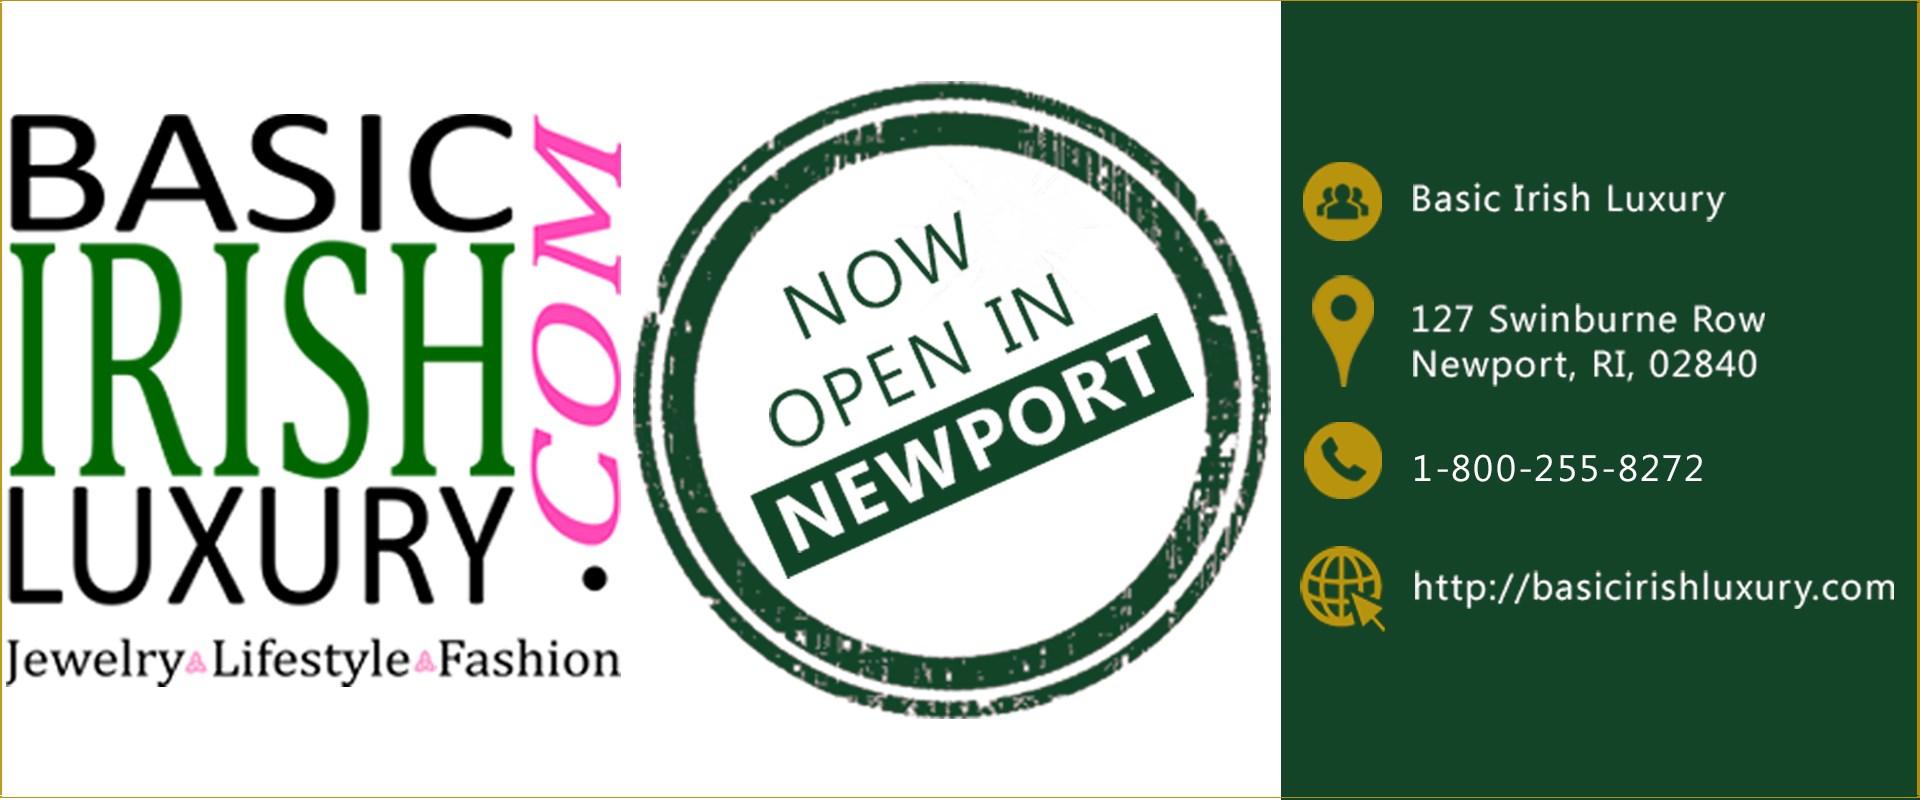 Colm DeRis at ShopTipperary.com